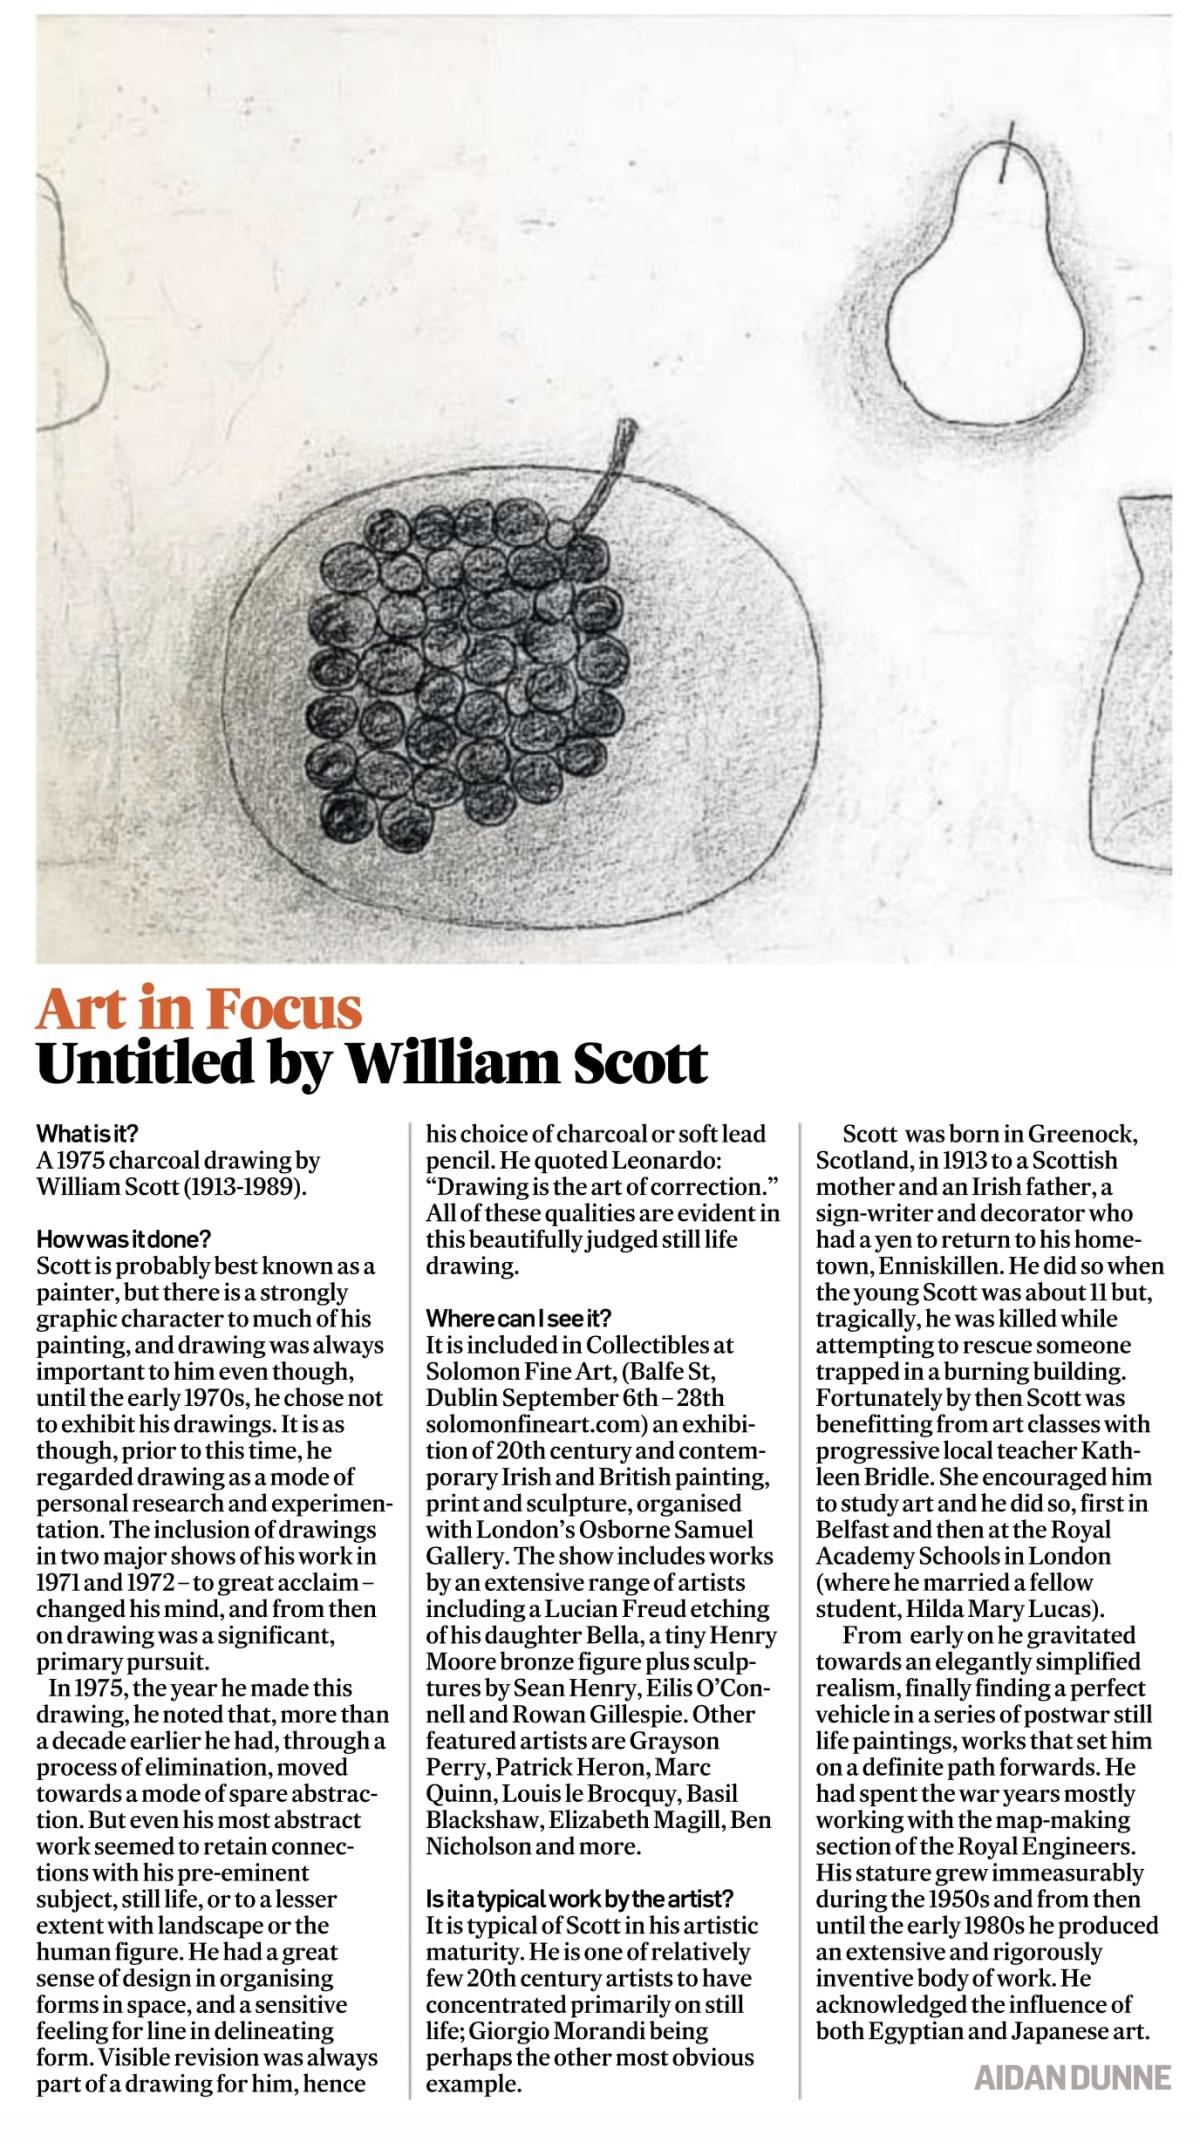 IRISH TIMES ART IN FOCUS: WILLIAM SCOTT